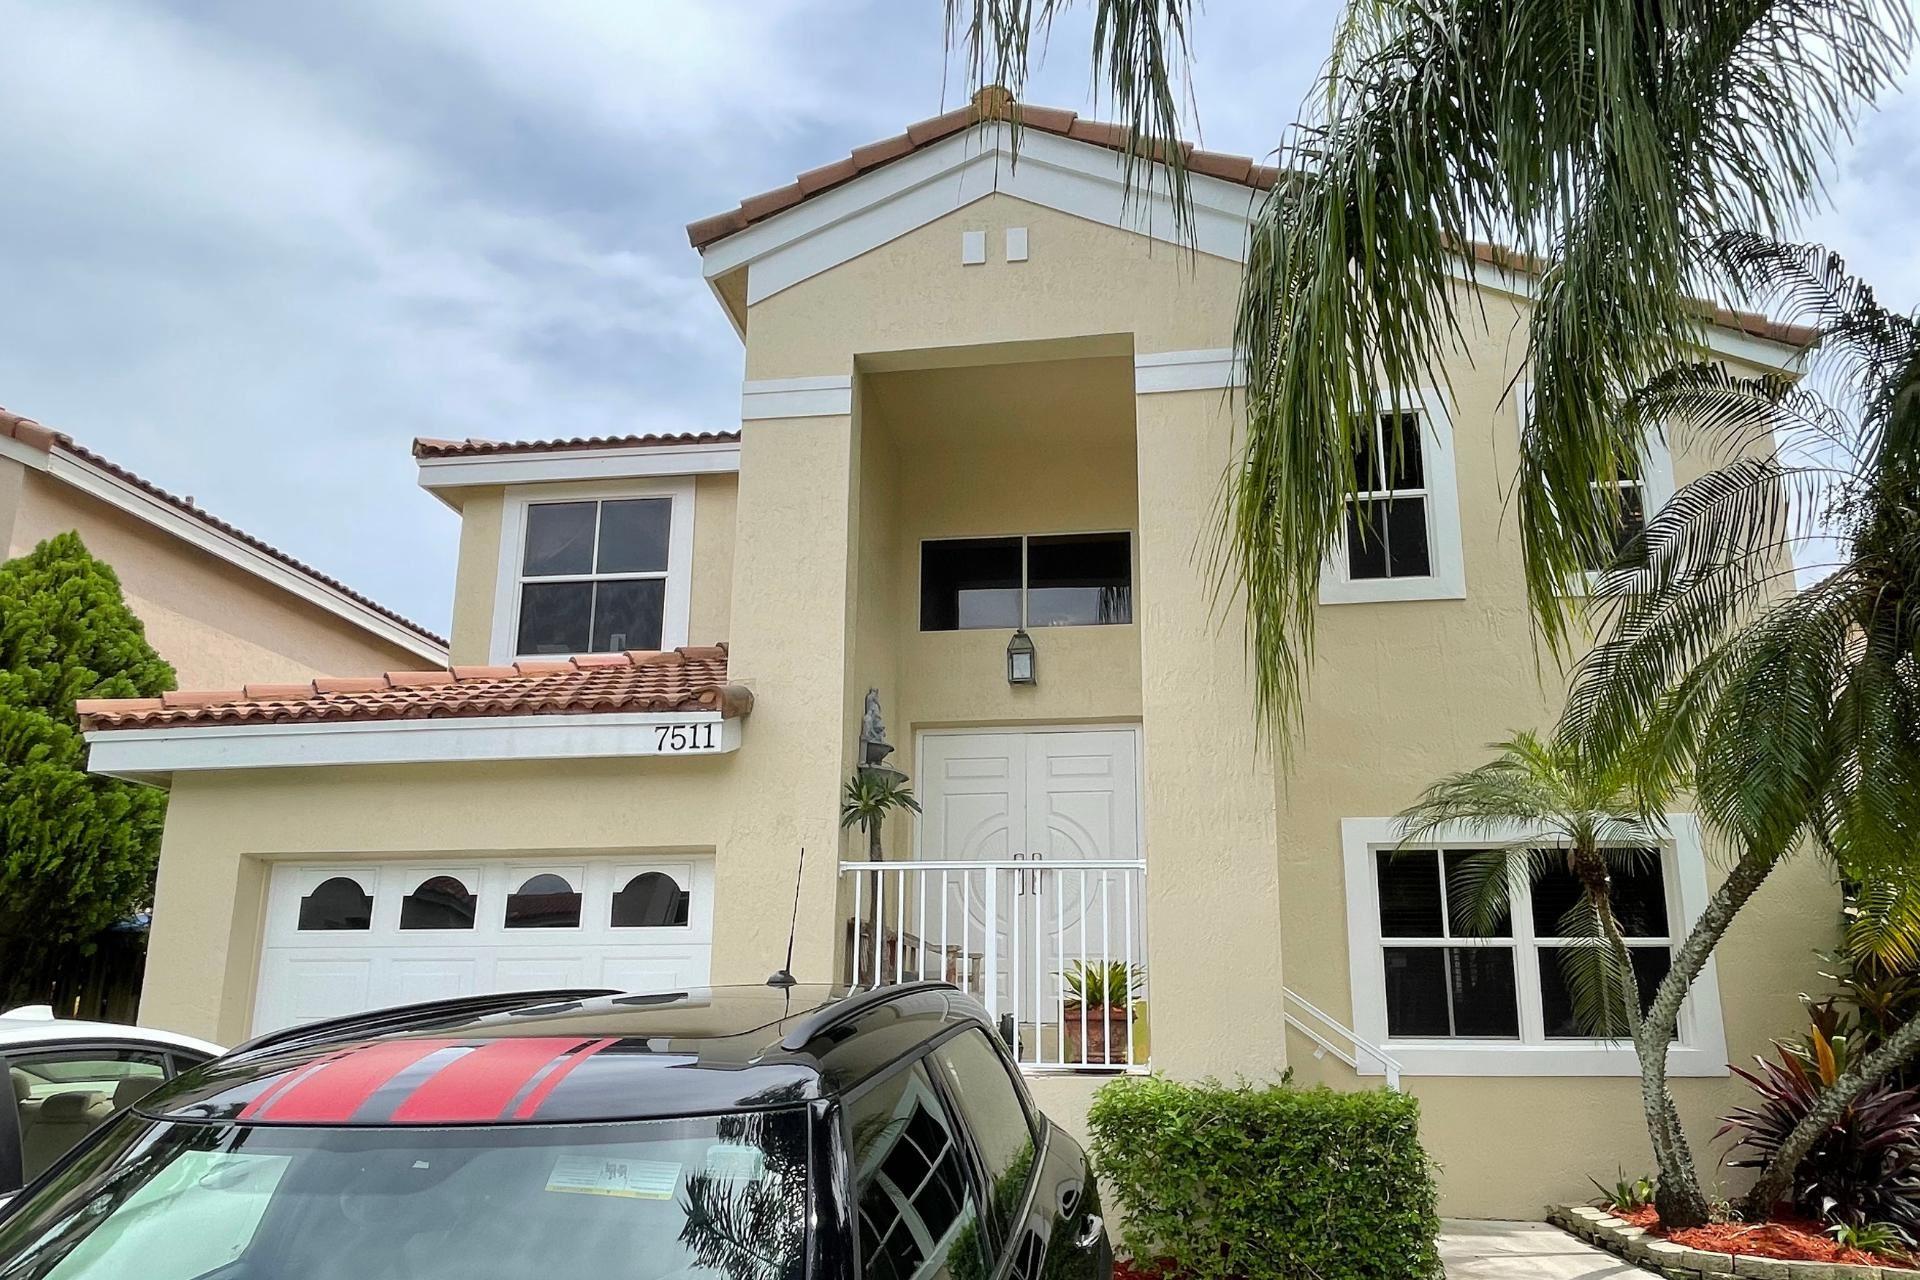 Photo of 7511 Viscaya Circle, Margate, FL 33063 (MLS # RX-10731005)